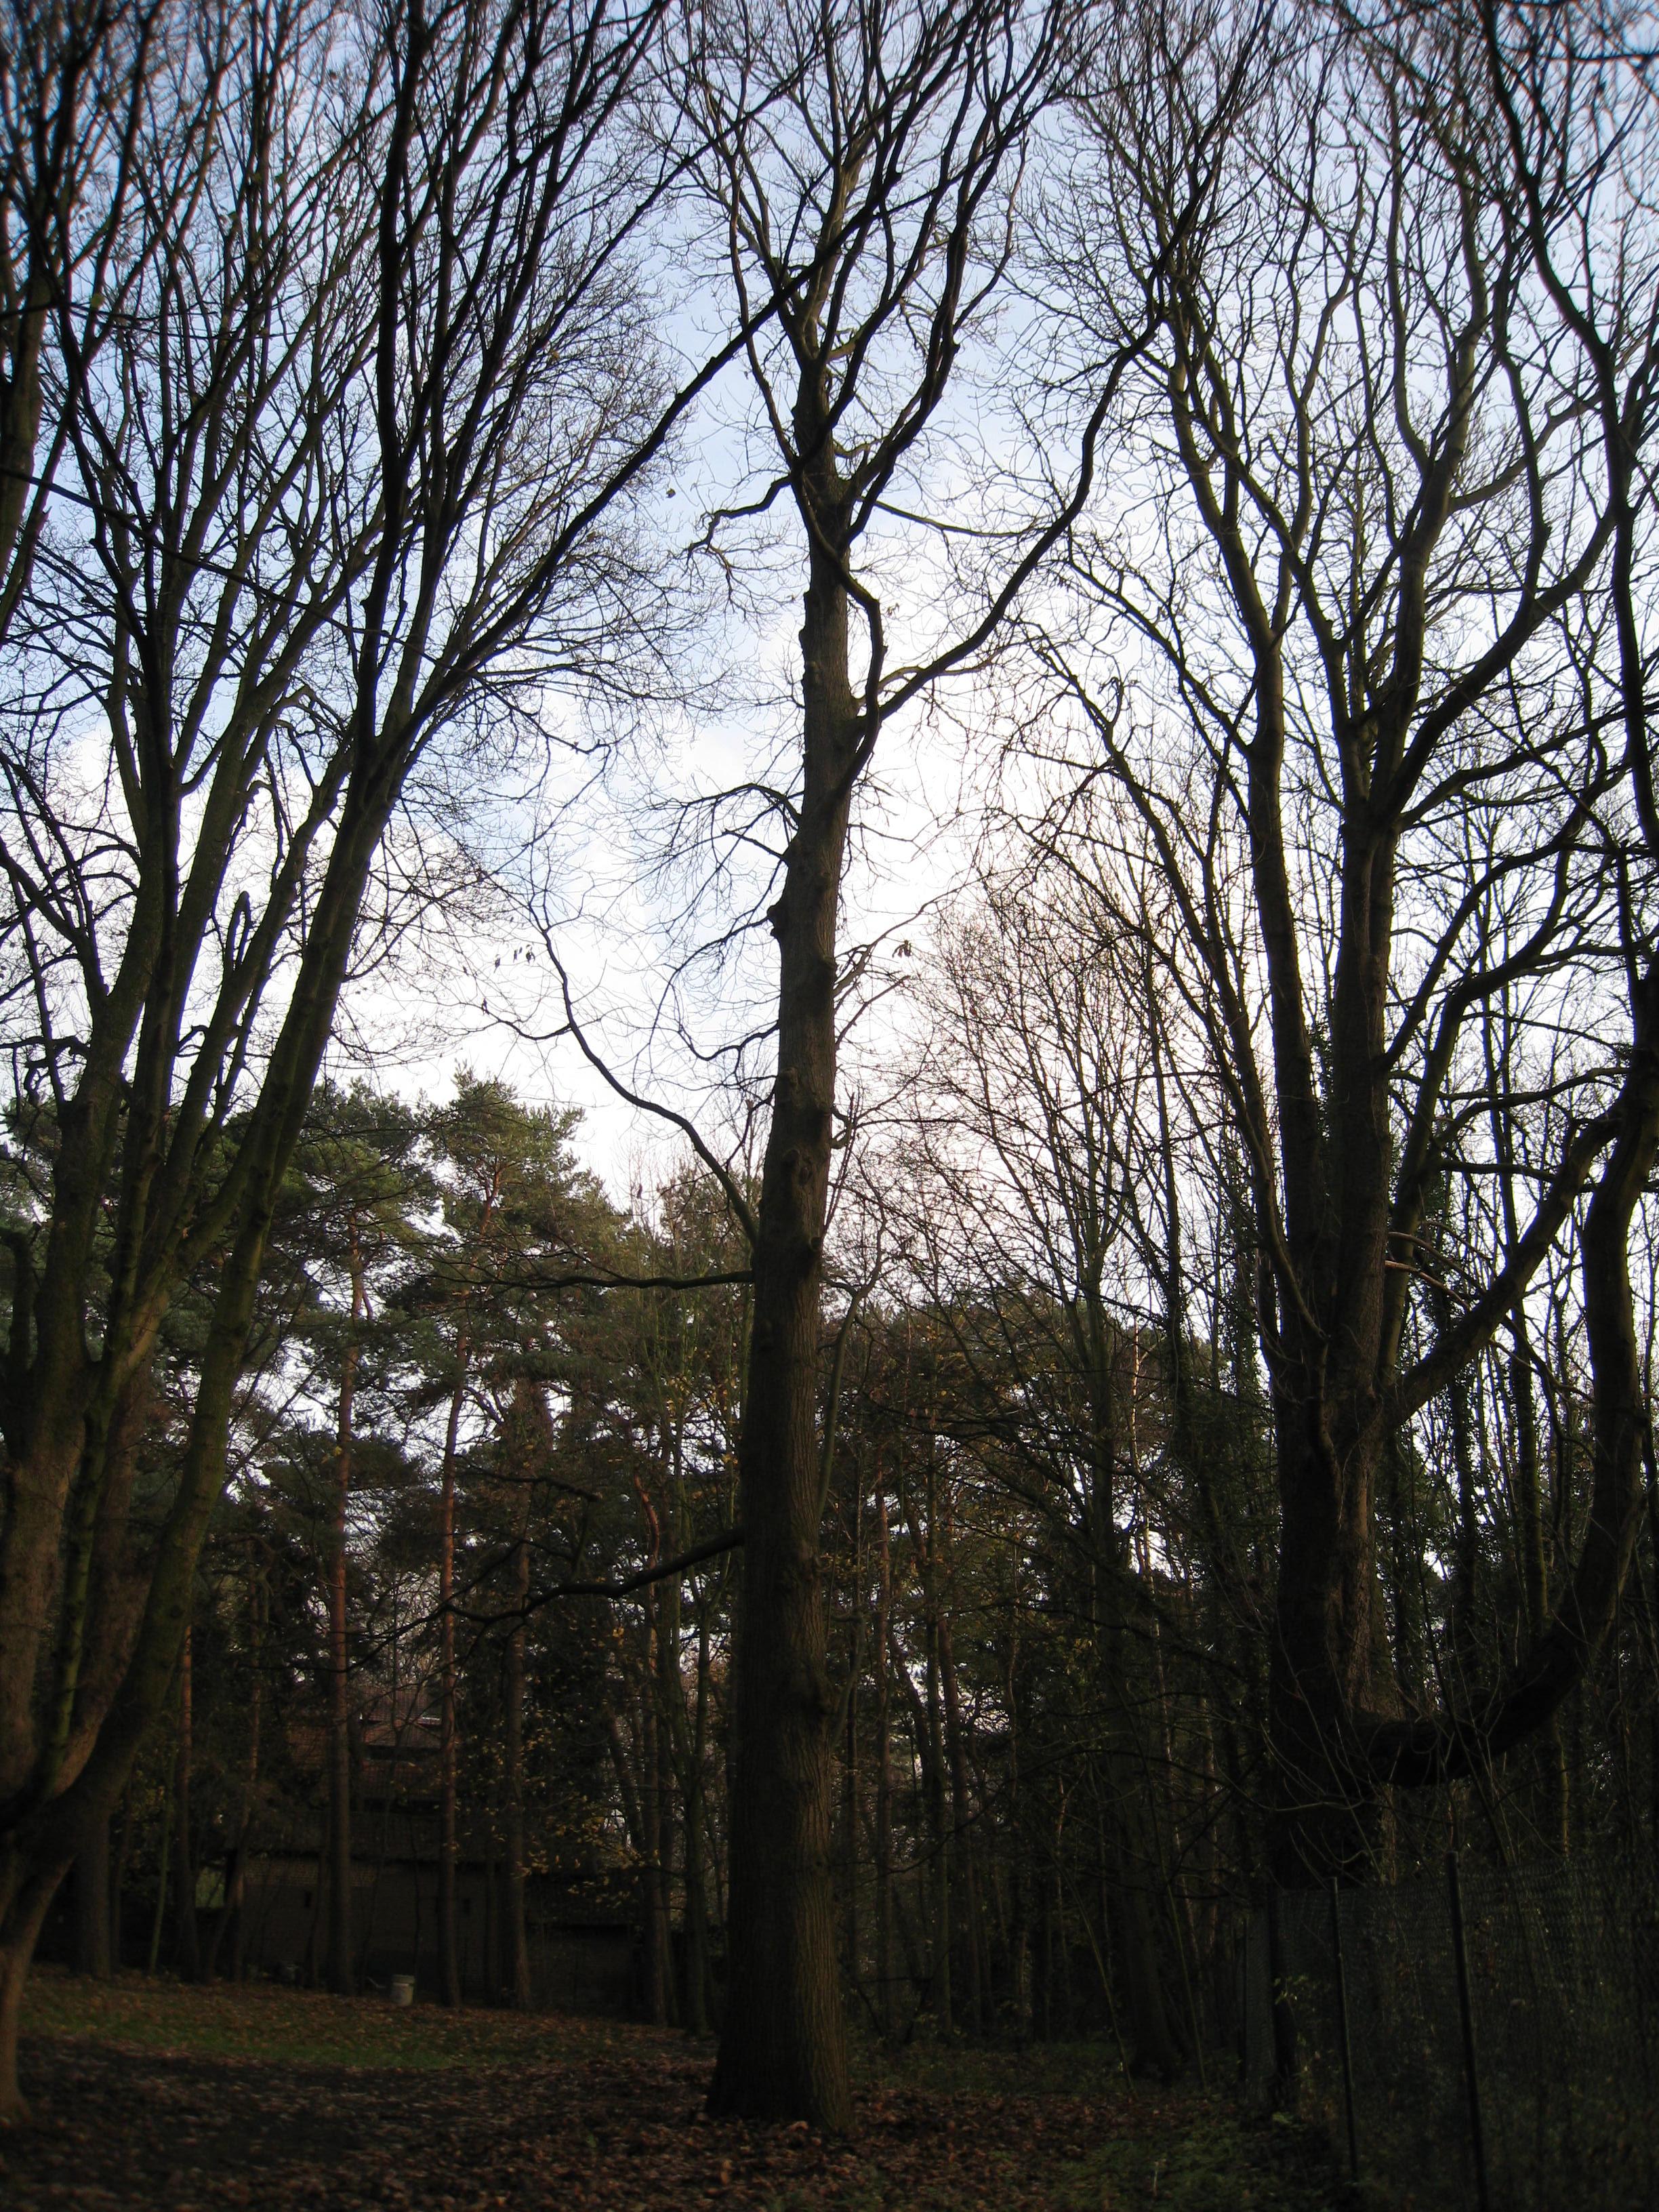 Tamme kastanje – St.- Lambrechts - Woluwe, Lindekmalemolen en omgevingen, Jean-François Debeckerlaan, 38-40 –  01 December 2009